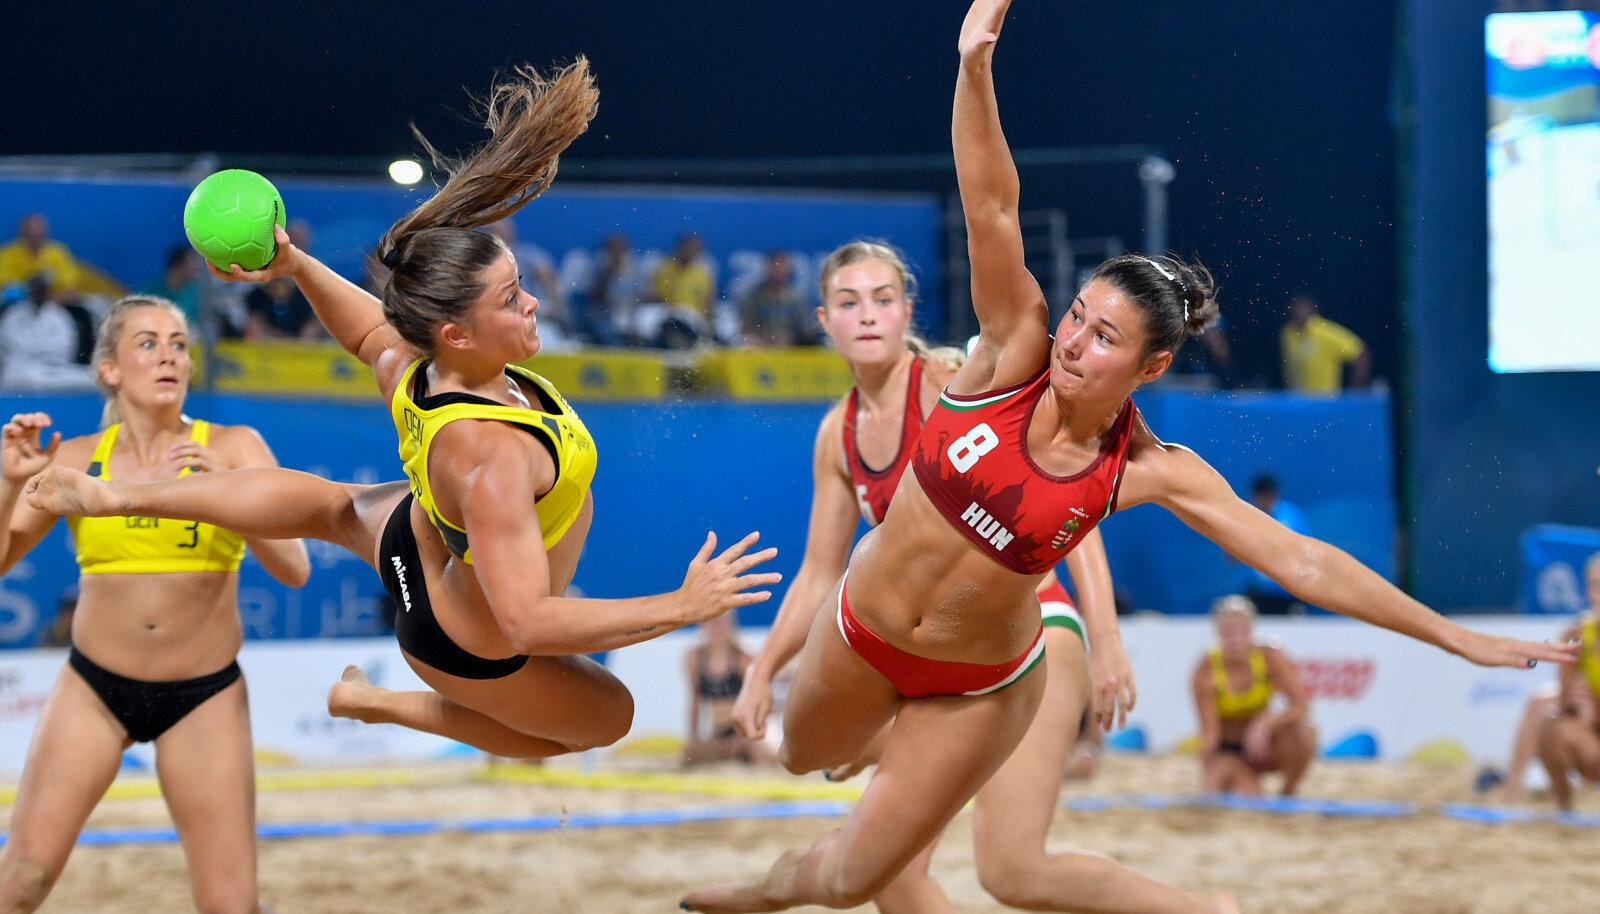 Naiste rannakäsipall. Pilt on illustratiivne.